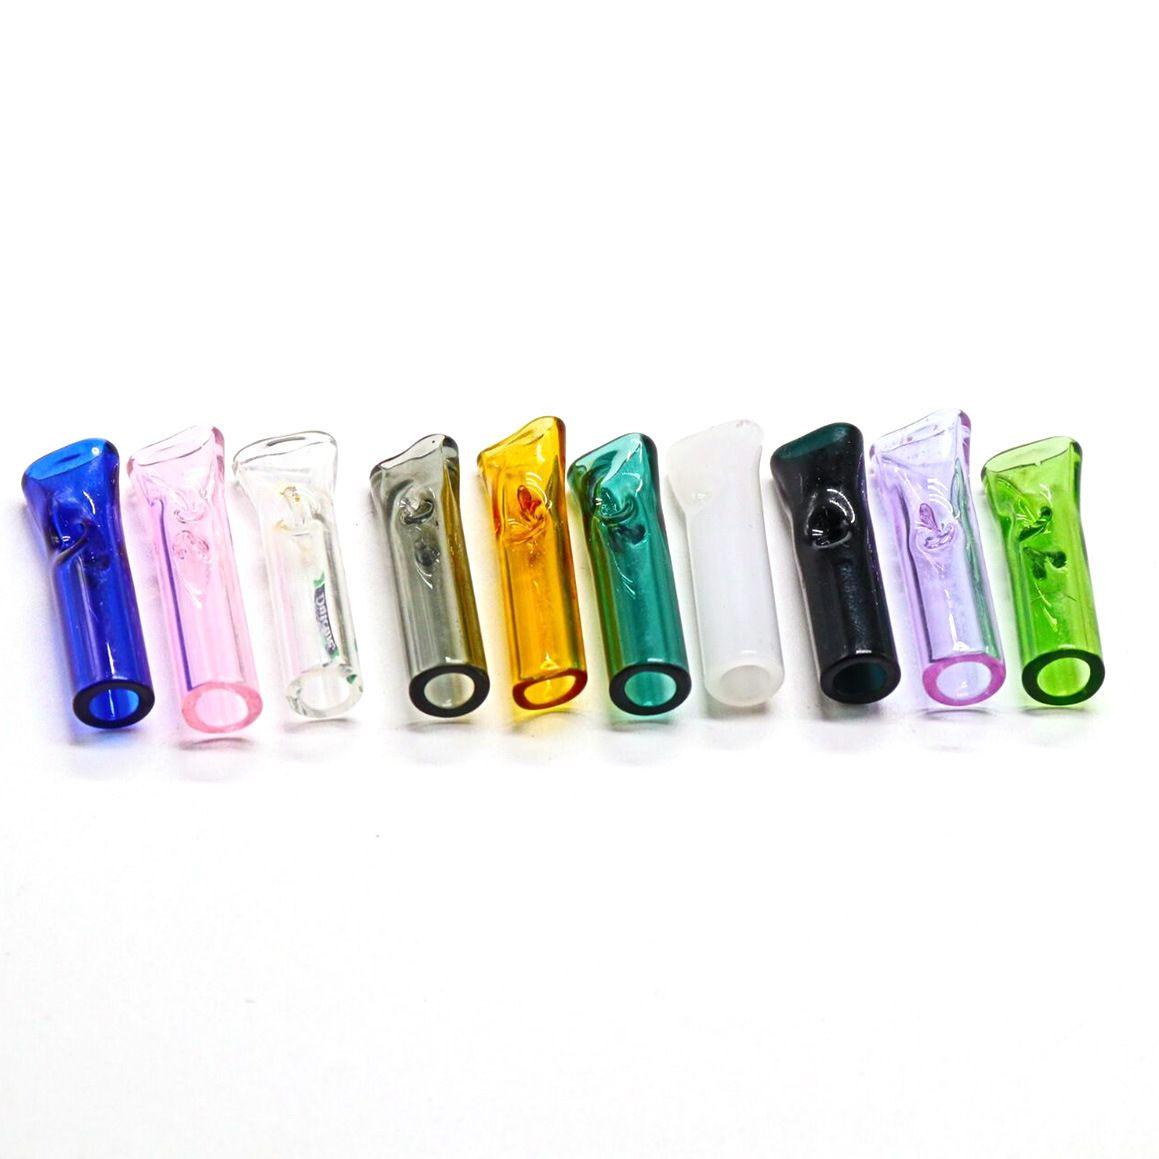 Mini tubulações de cigarro de tabaco titular titular de filtro de vidro pode ser usado para fumar cigarros originais com uma boca rodada plana tubo bonito fumar pyrex transparente manchado